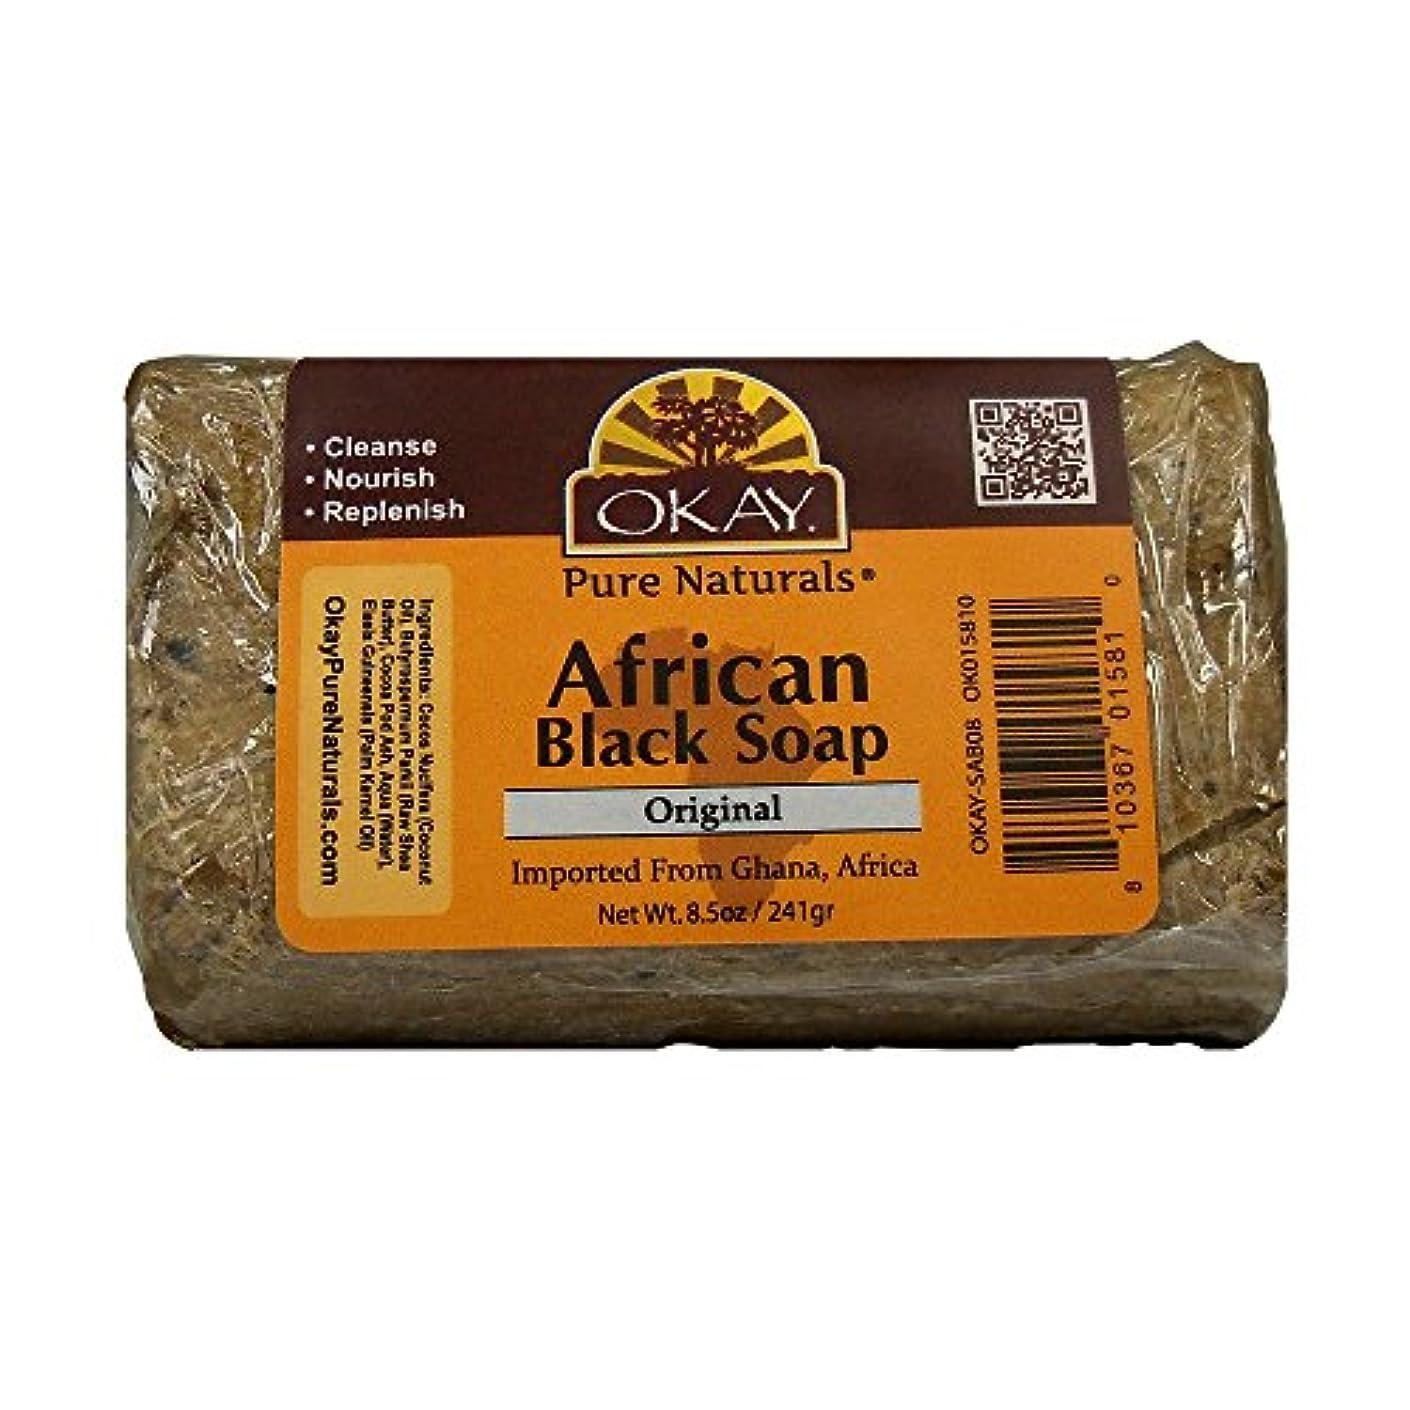 新しい意味ブルゴーニュ申し立てられたOkay アフリカソープ、ブラック、8オンス 1パック